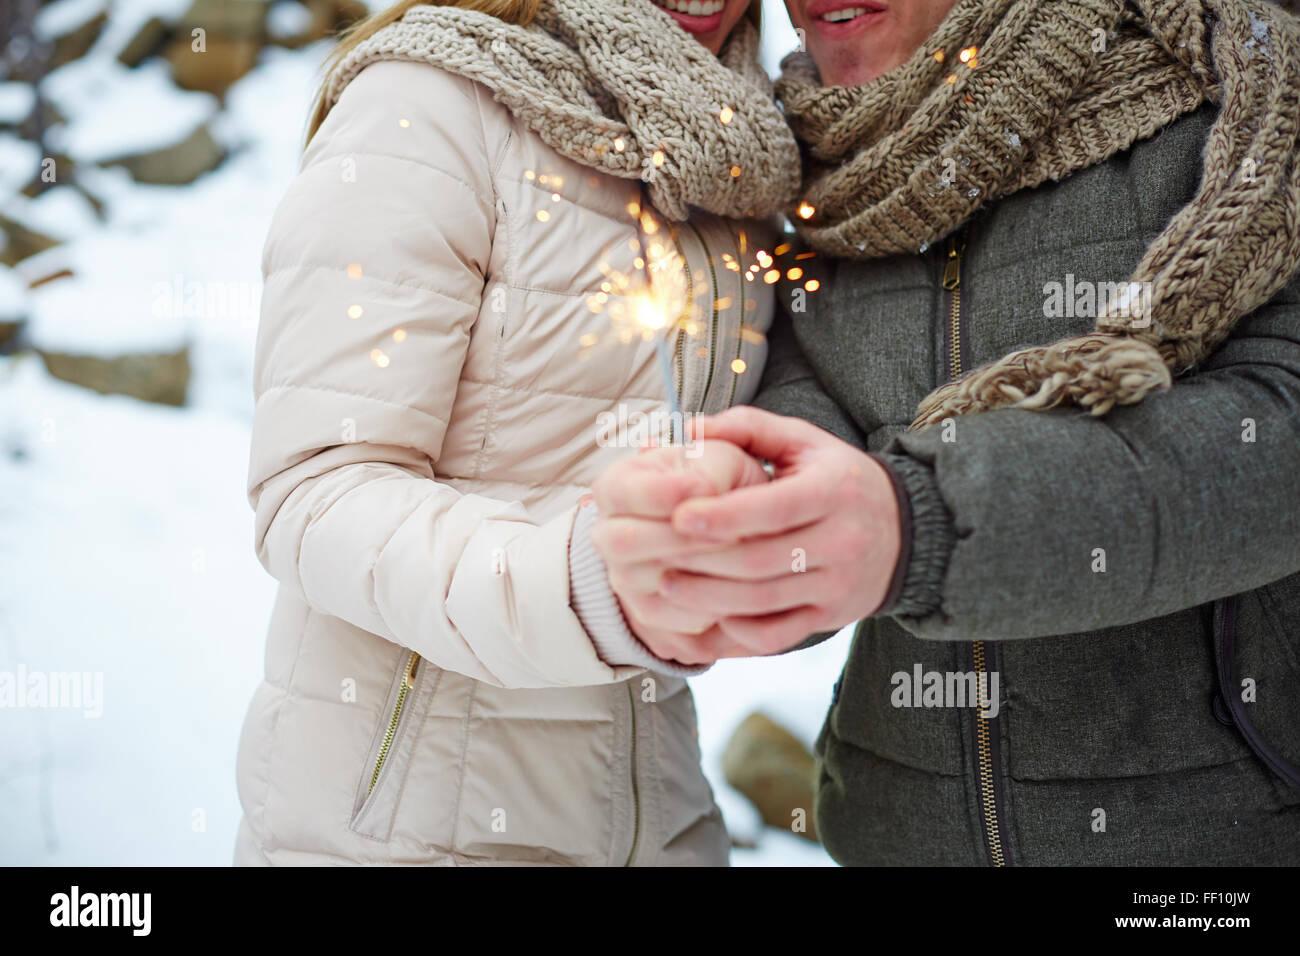 Junge Daten brennen Bengal Licht am Valentinstag Stockfoto